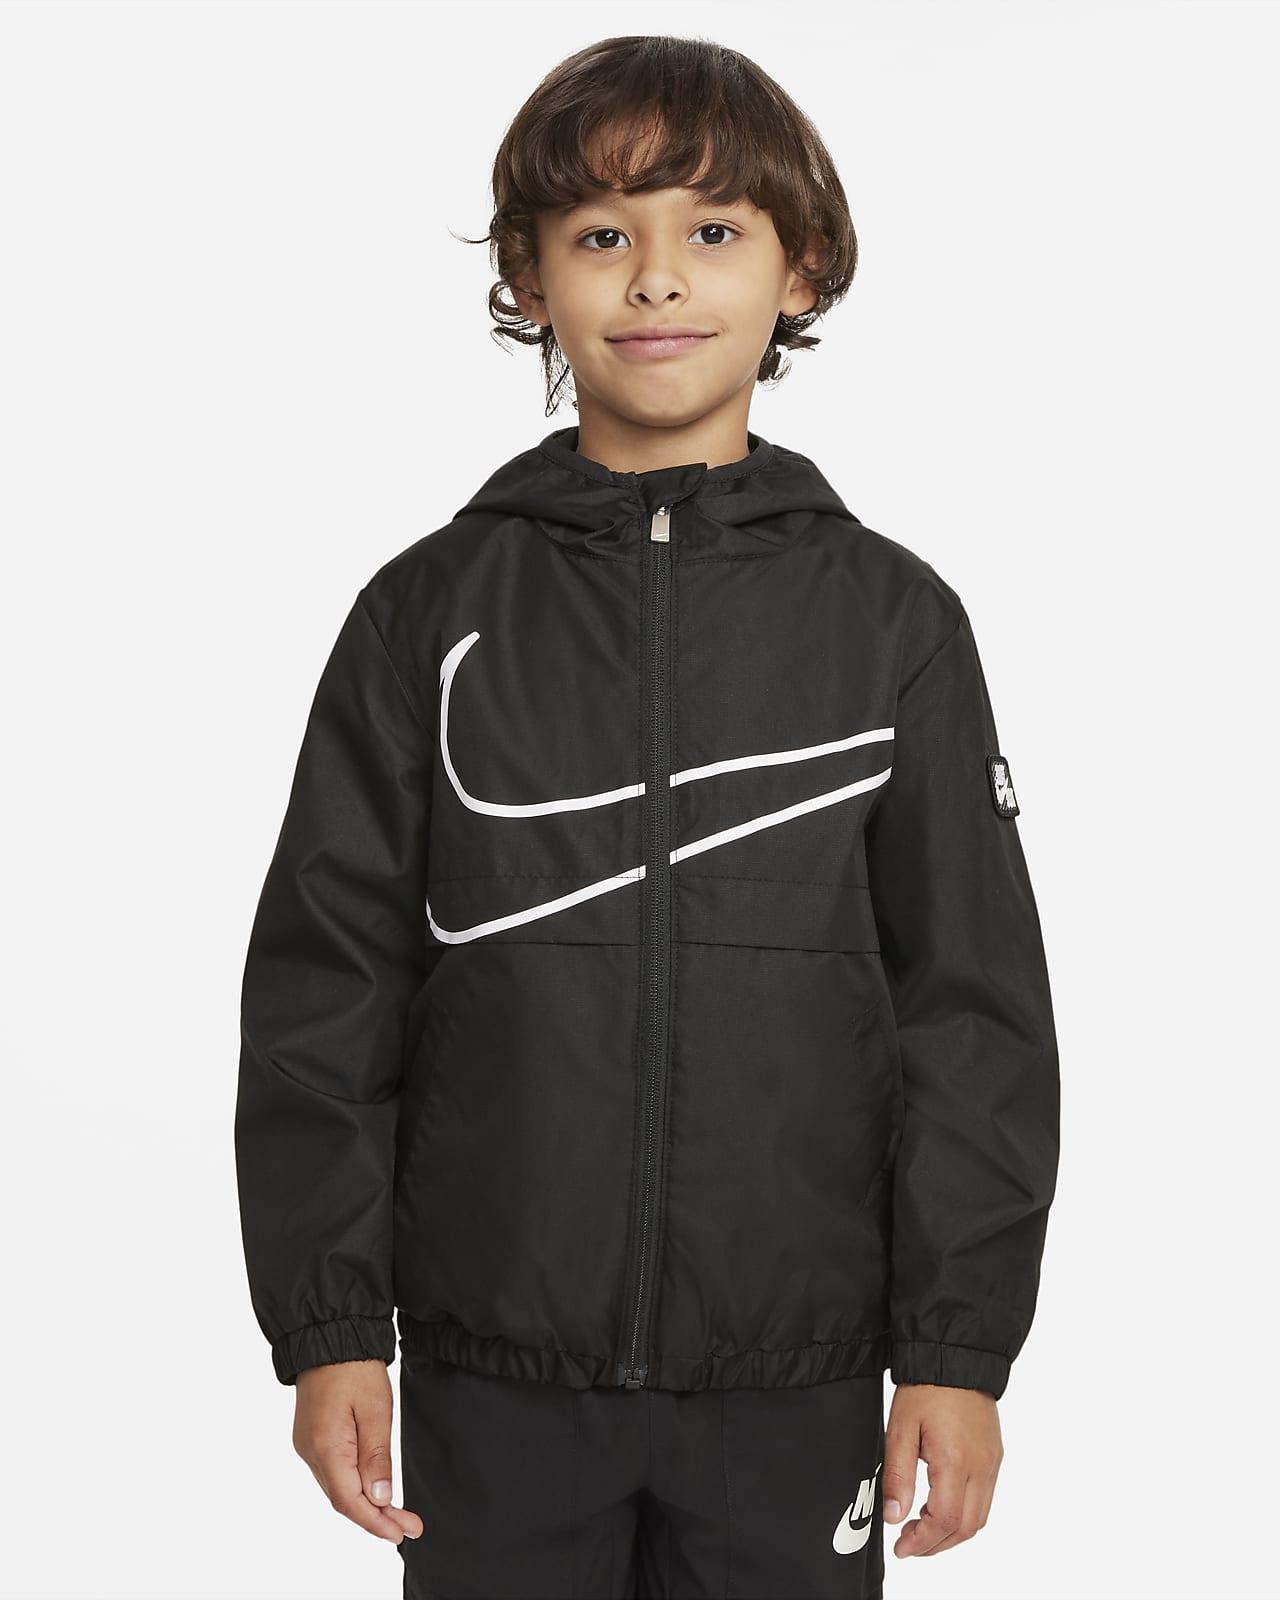 Casaco com fecho completo Nike Sportswear Windrunner para criança